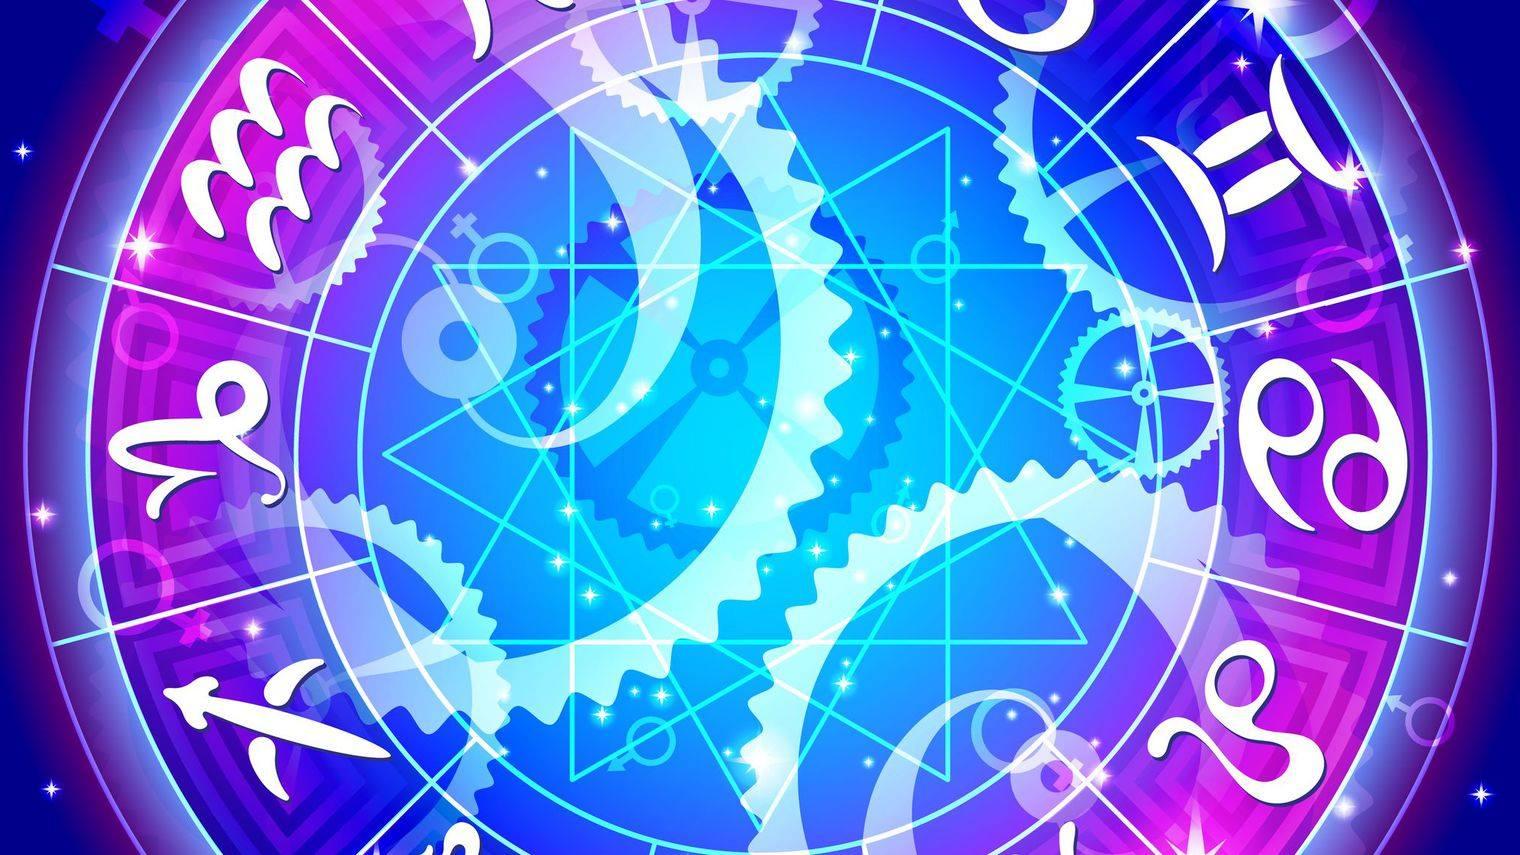 Dnevni horoskop za 30. jul: Lavovi, pripremite se za nove ljubavne izazove, Jarčevi čeznu za stabilnošću